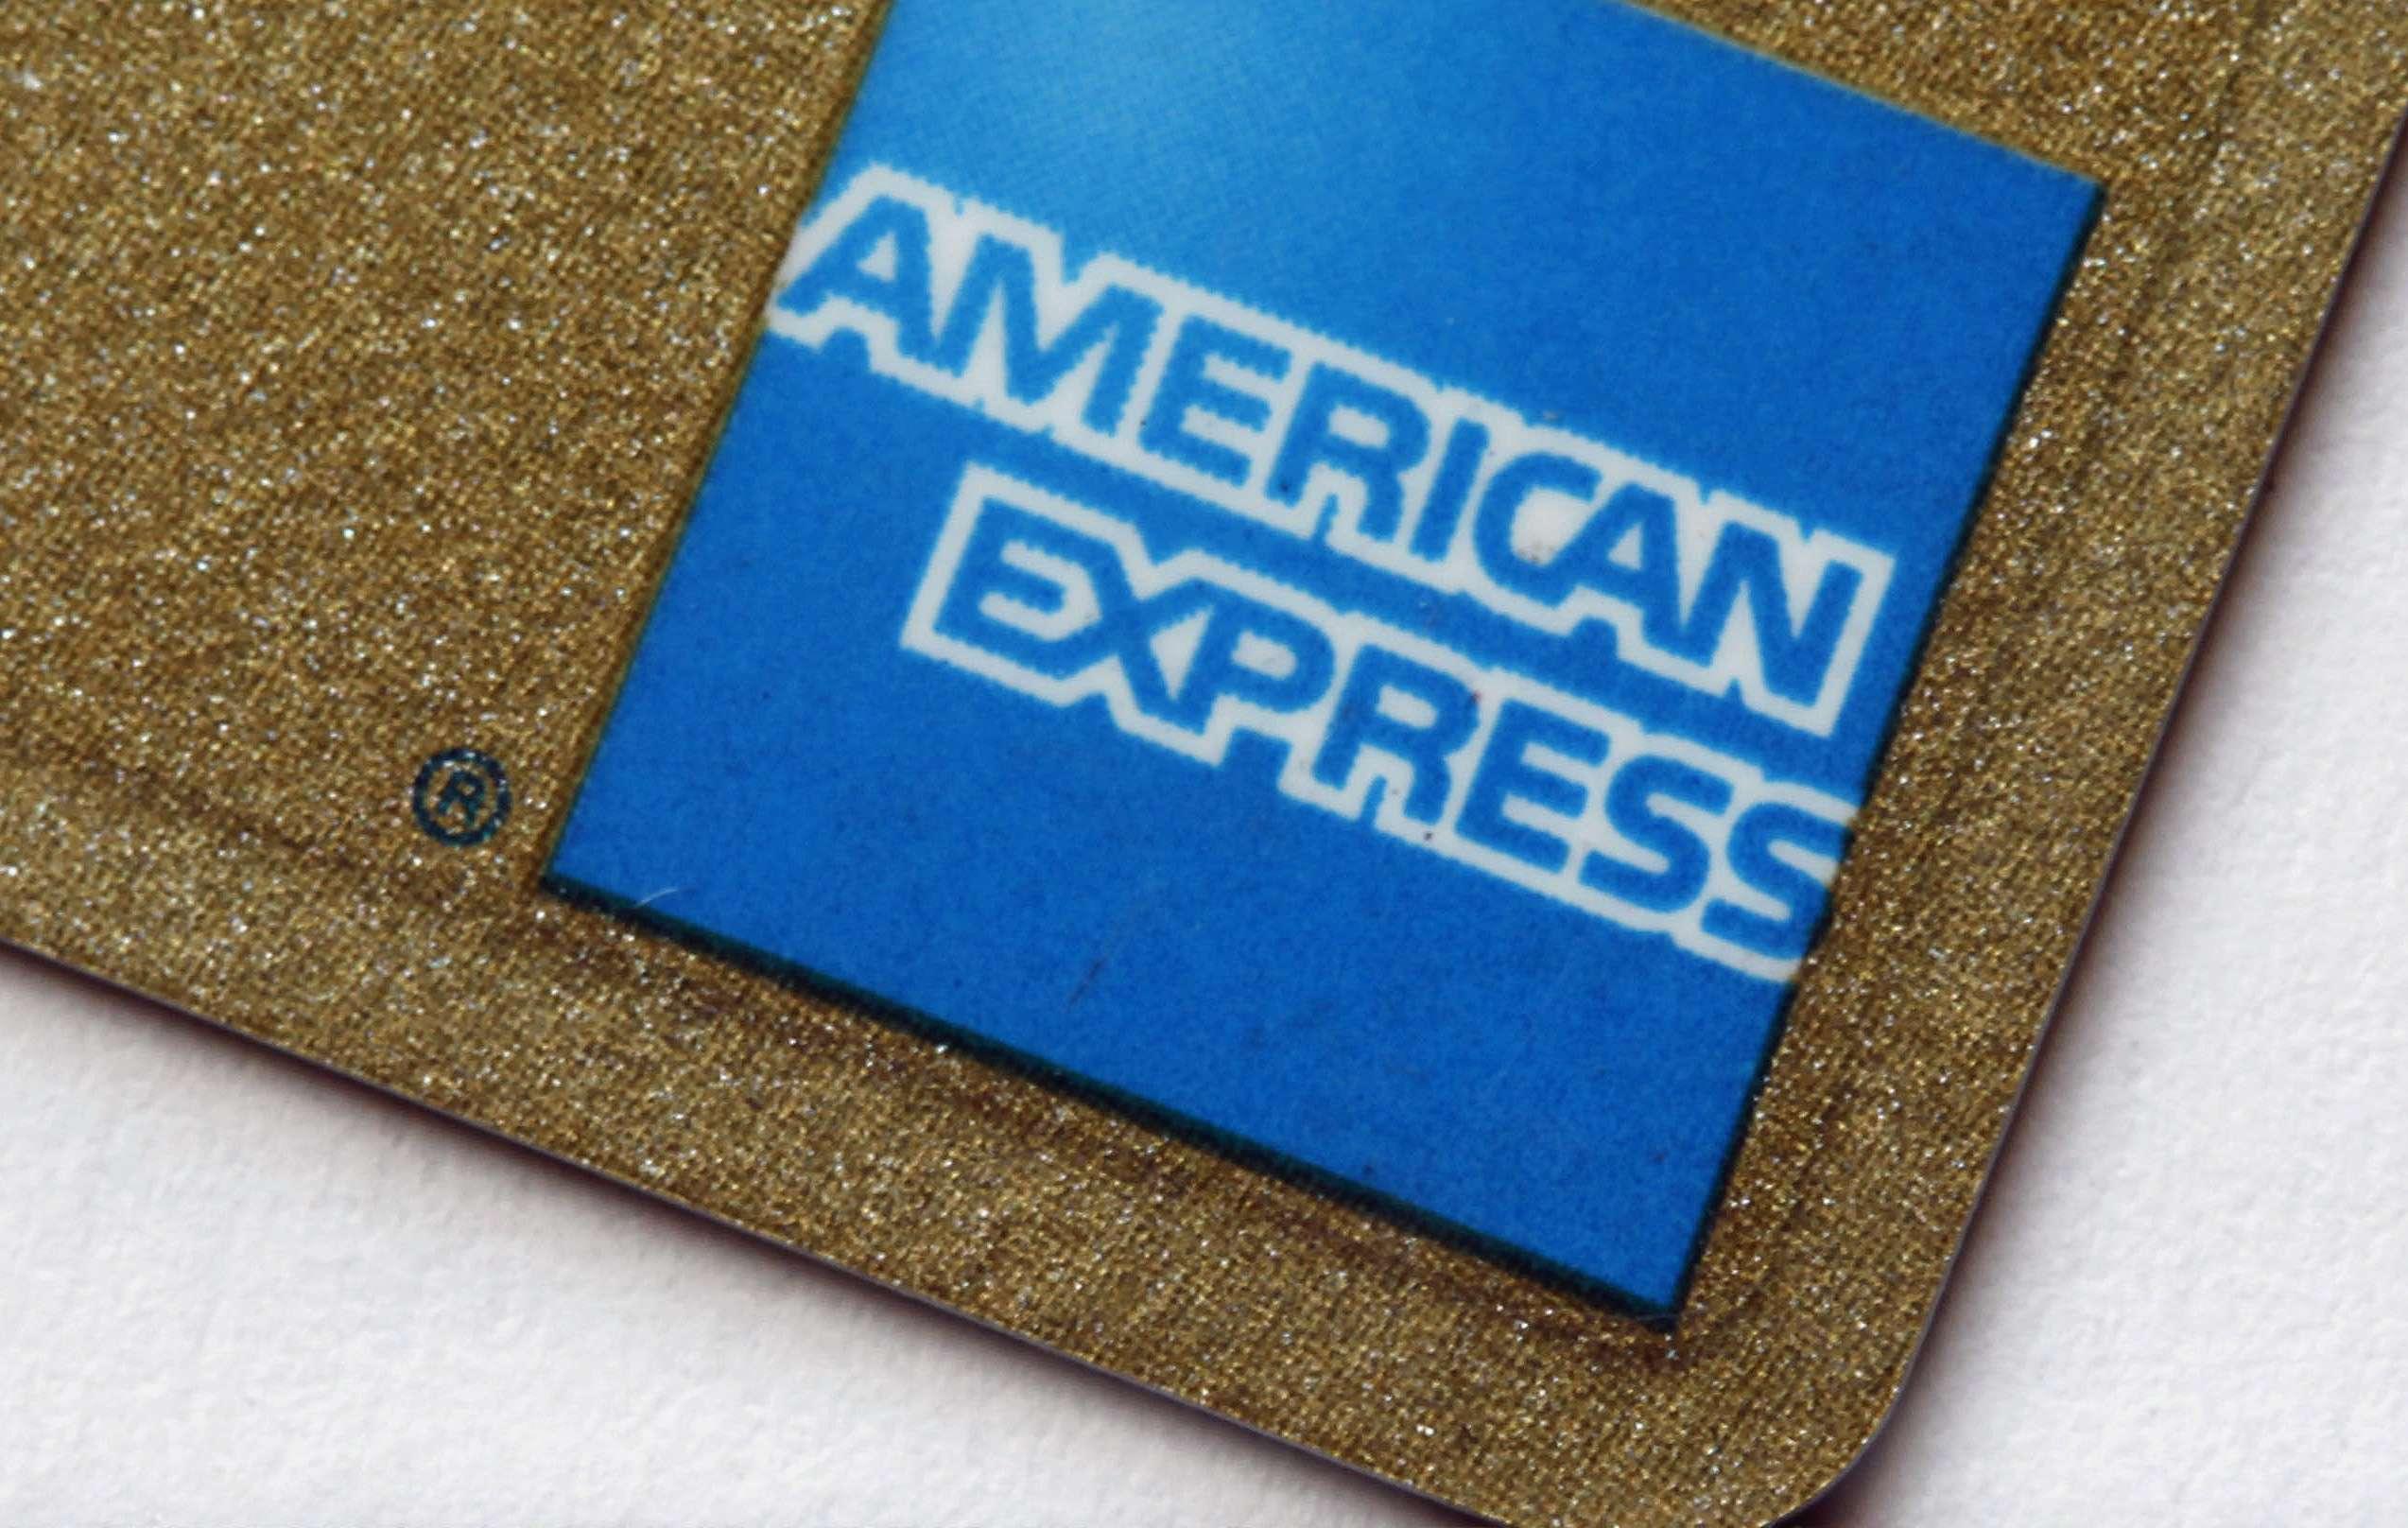 American Express es una de las compañías americanas que planea operar en la Isla. Foto: AP en español